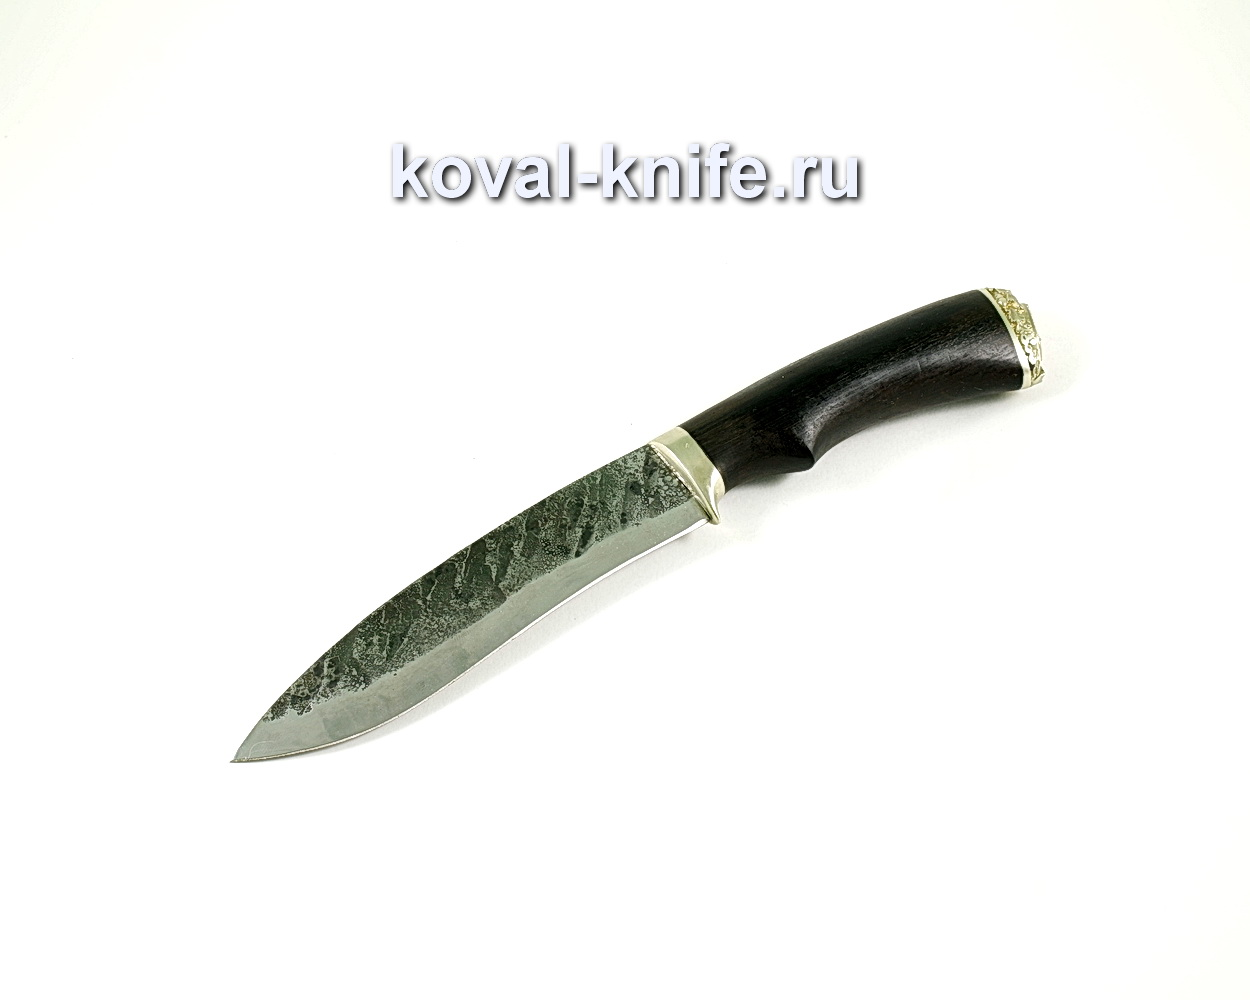 Нож Олимп (сталь 9хс), рукоть граб, литье A158